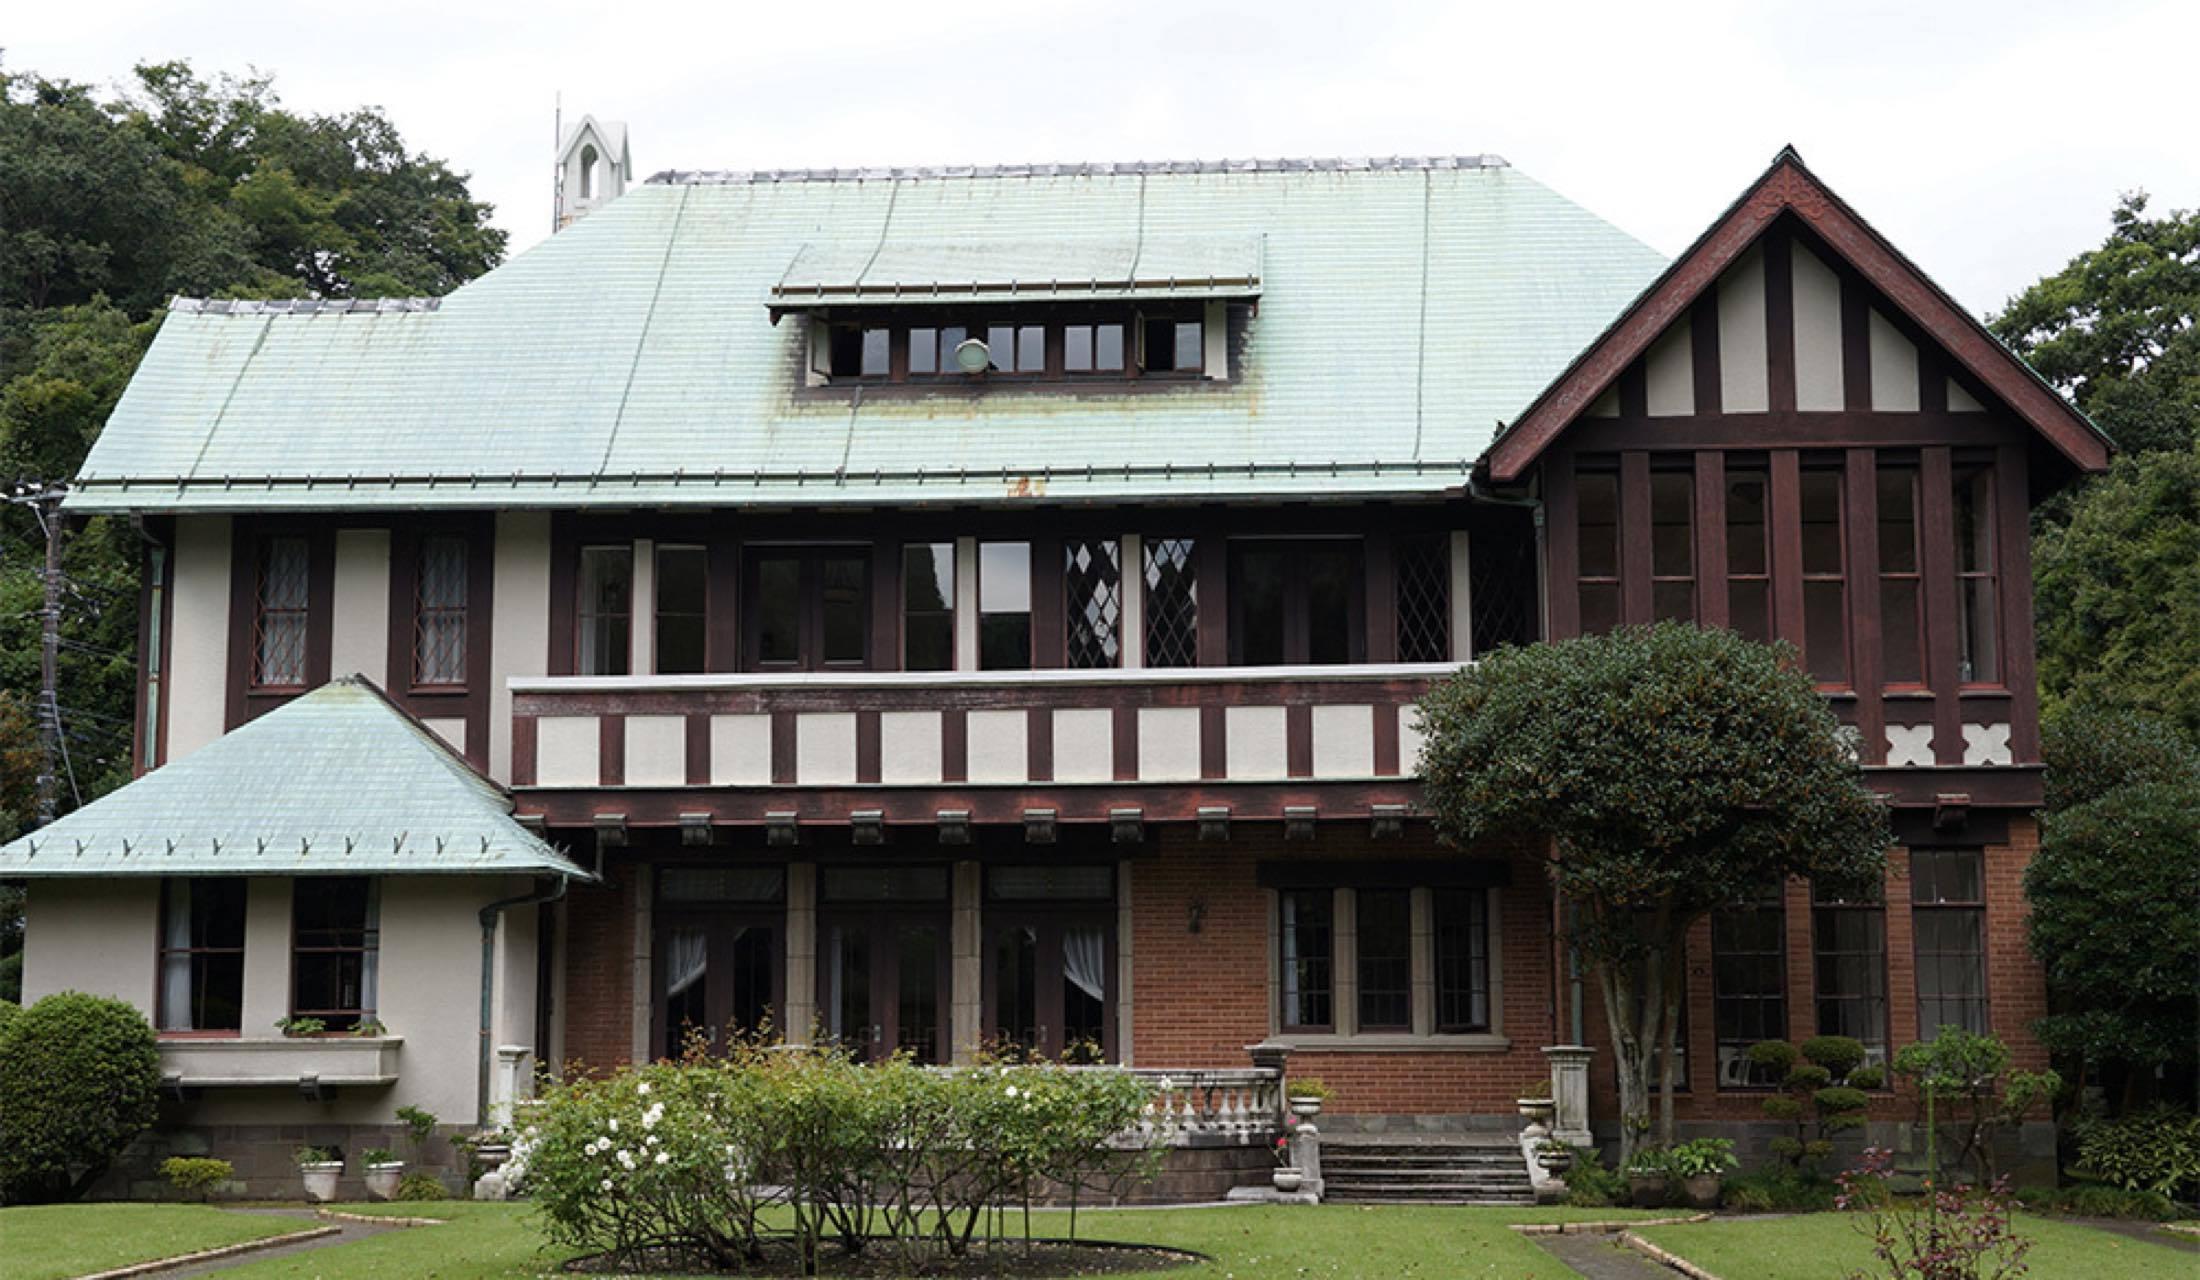 鎌倉の旧華頂宮邸外観